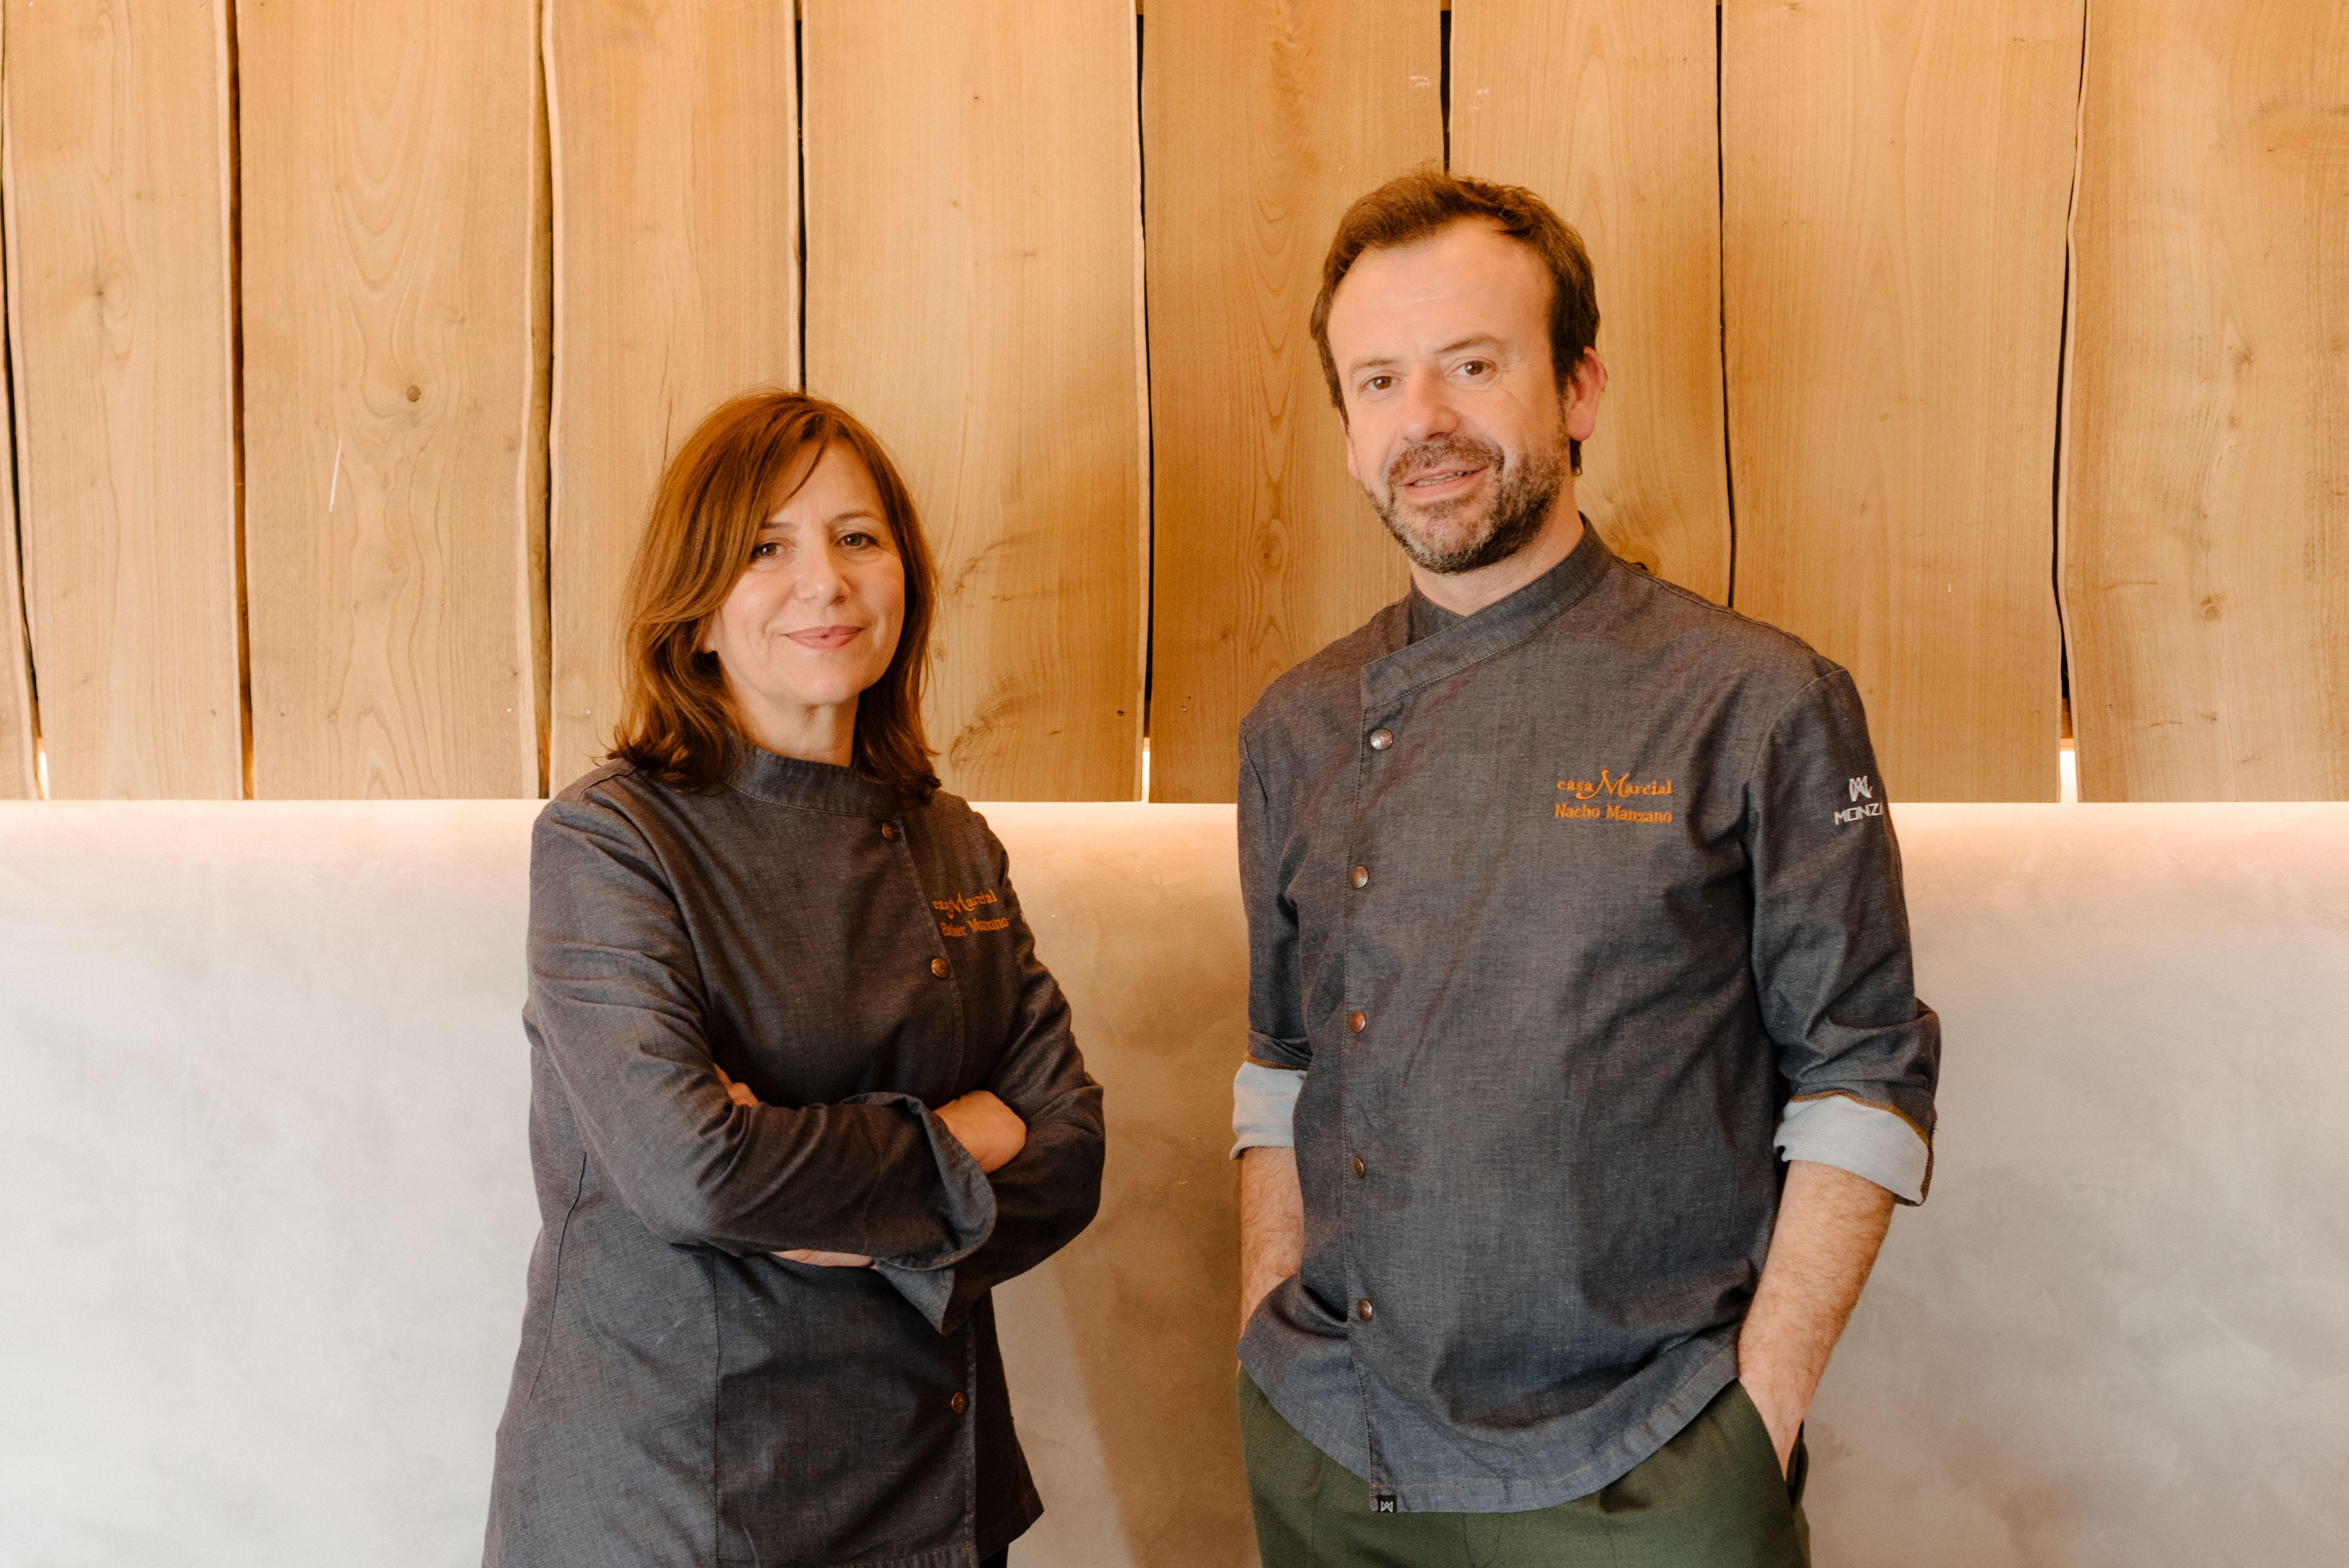 Chefs Esther and Nacho Manzano